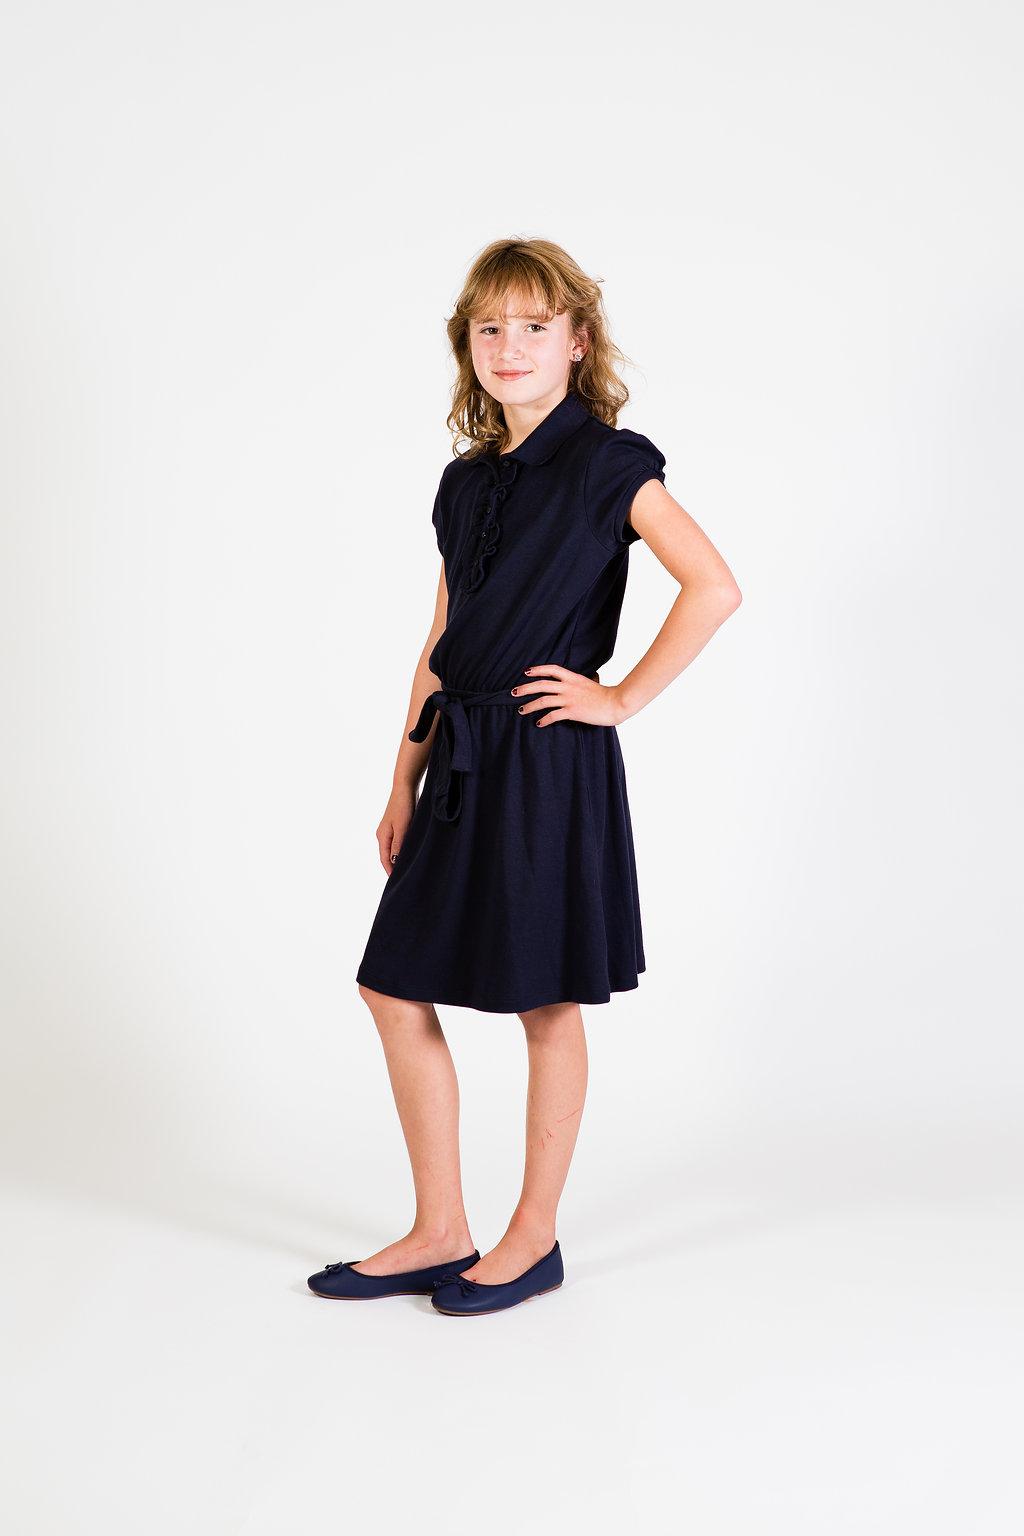 16JuneWCA_Uniforms016.jpg